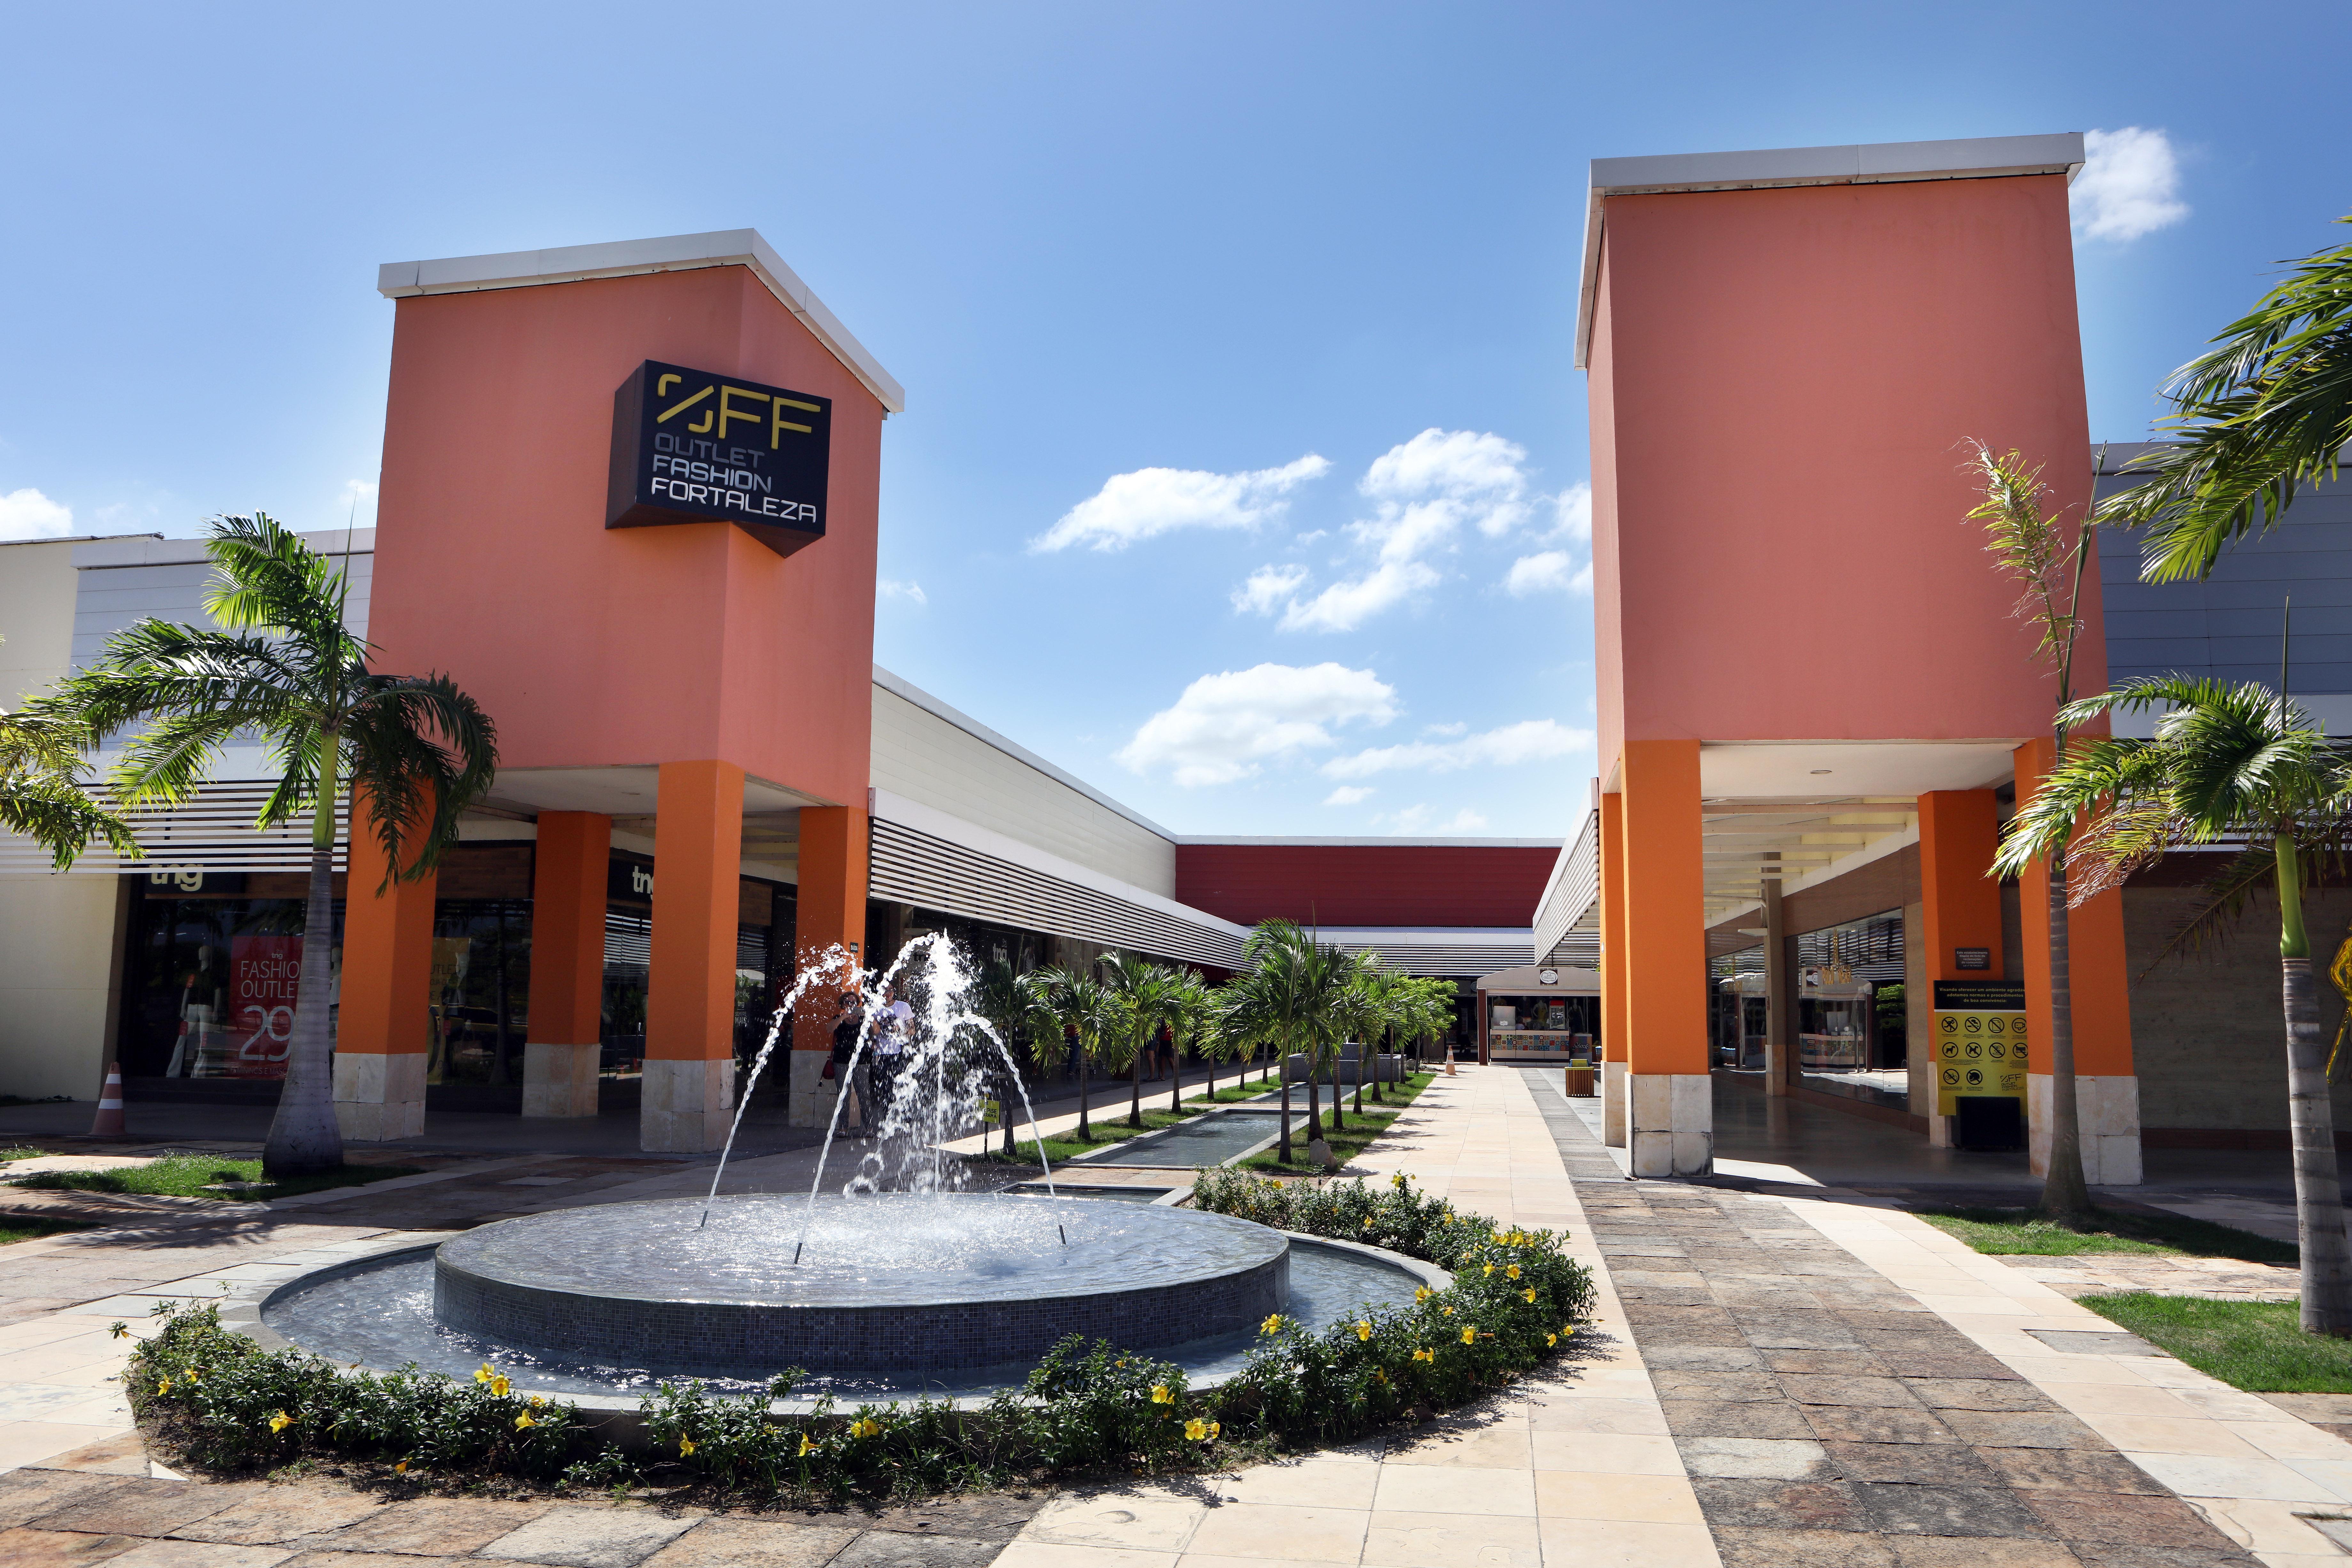 ffe7ee6a575 OFF Outlet Fashion inaugura cinco novas lojas no empreendimento até ...